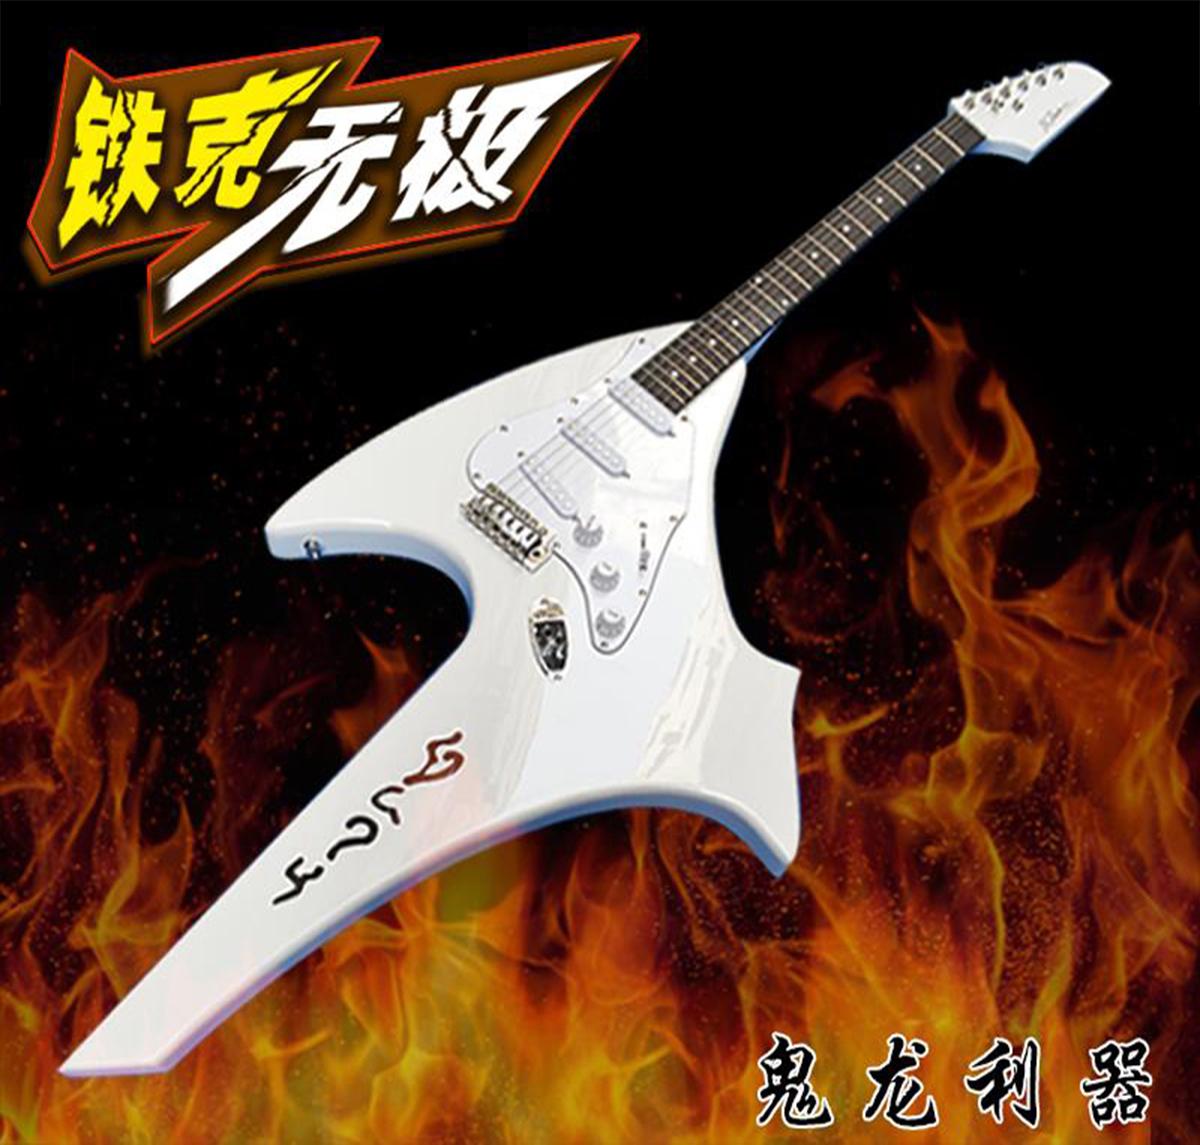 终极一家鬼龙 铁克无极电吉他 bc异形战争之火送皮箱大礼包 原版商品